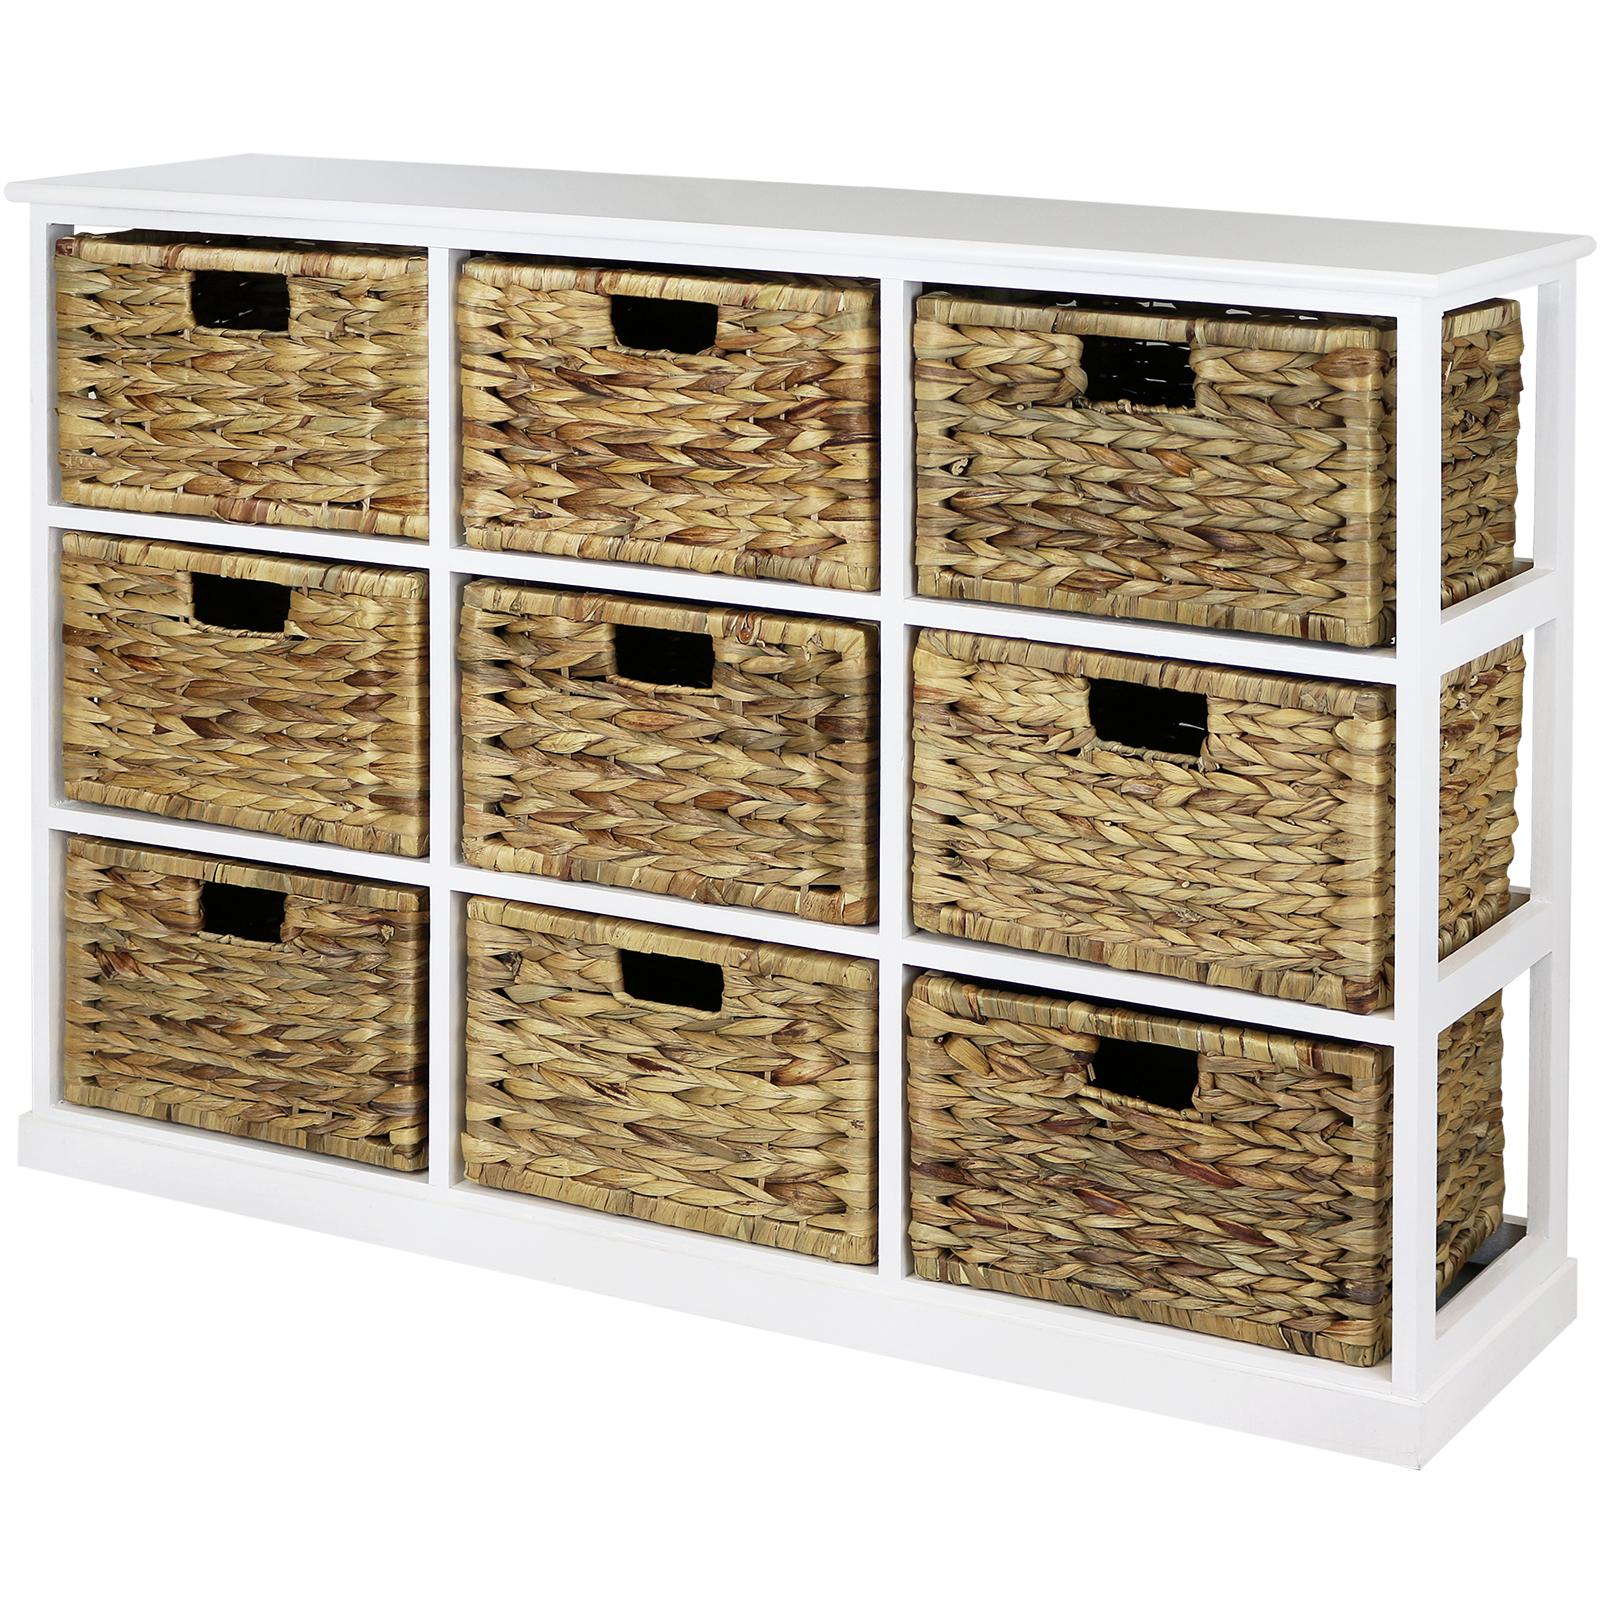 Hartleys 3x3 White Wood Home Storage Unit 9 Wicker Drawer Baskets Chest Cabinet 5051990998704 Ebay